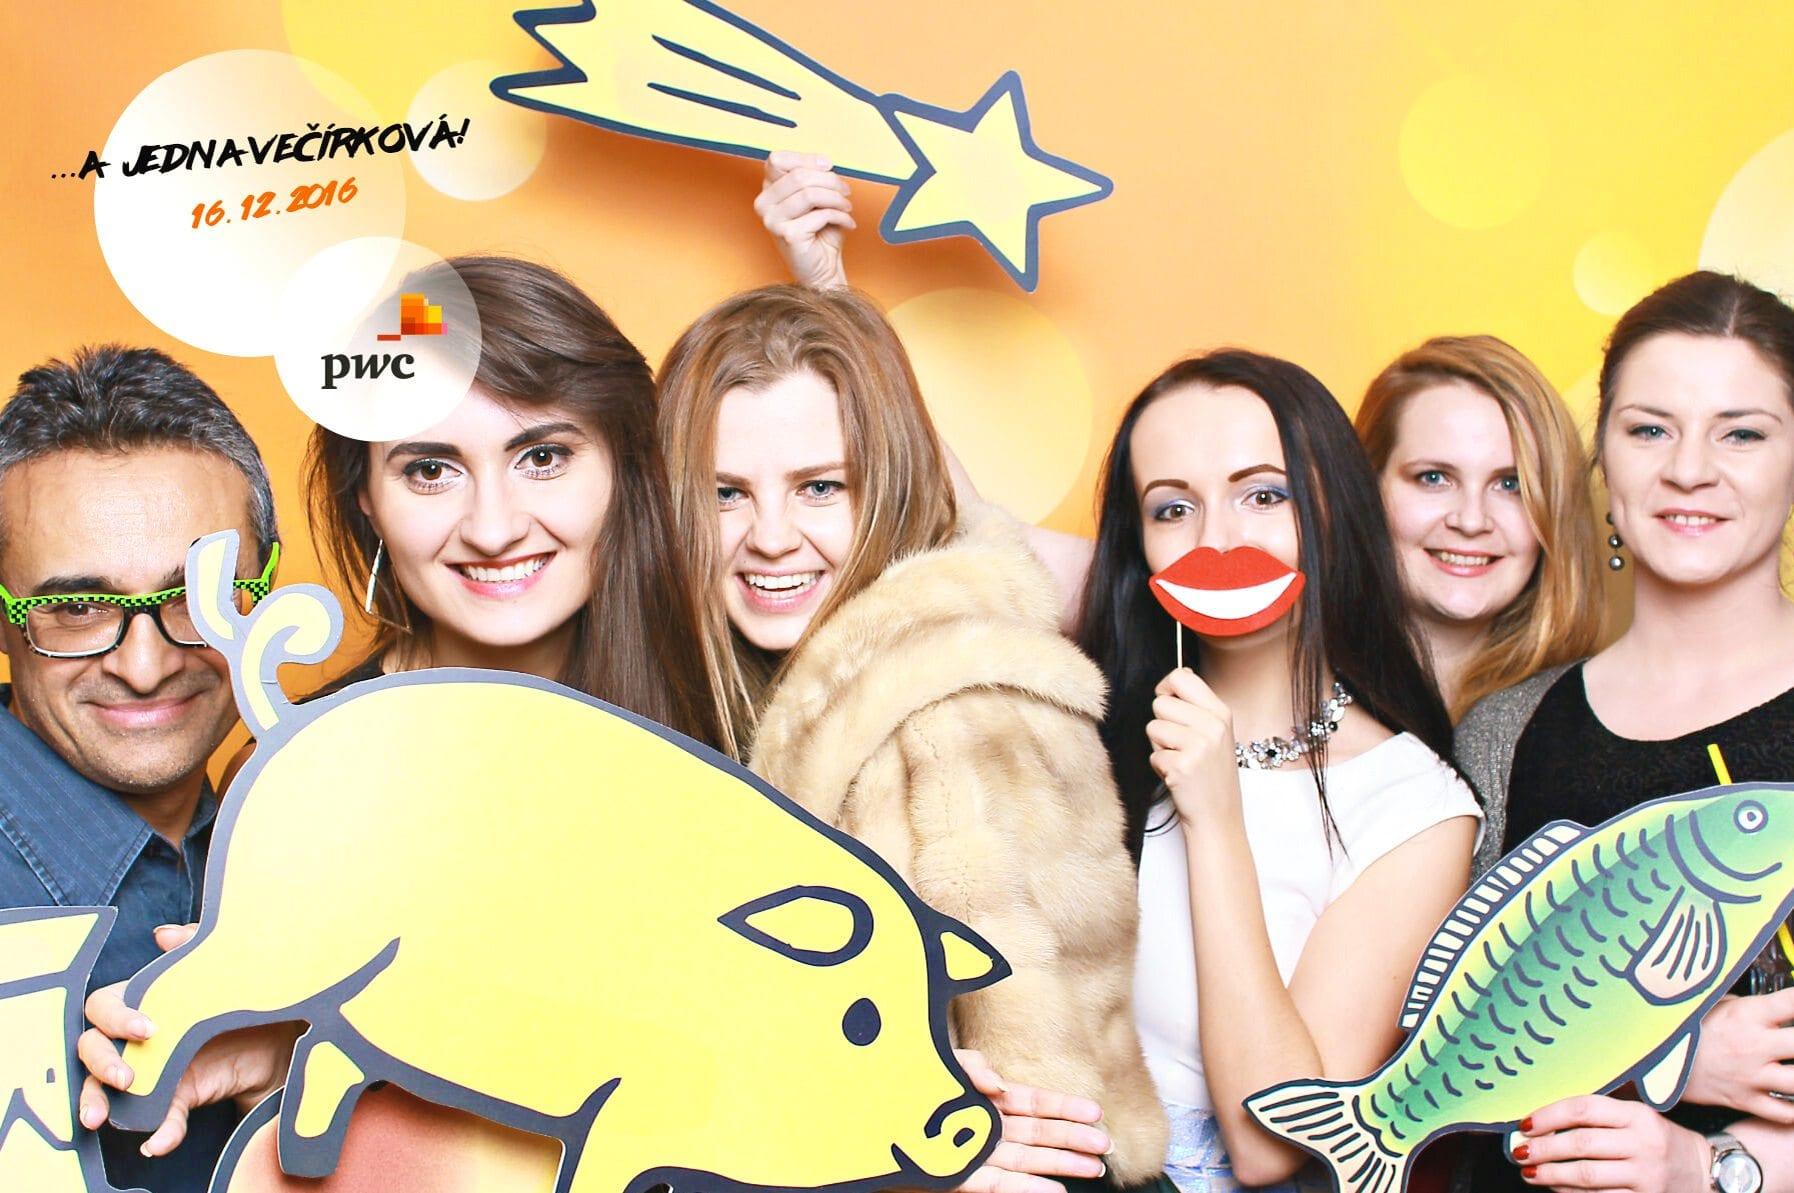 fotokoutek-pwc-a-jedna-vecirkova-16-12-2016-194302